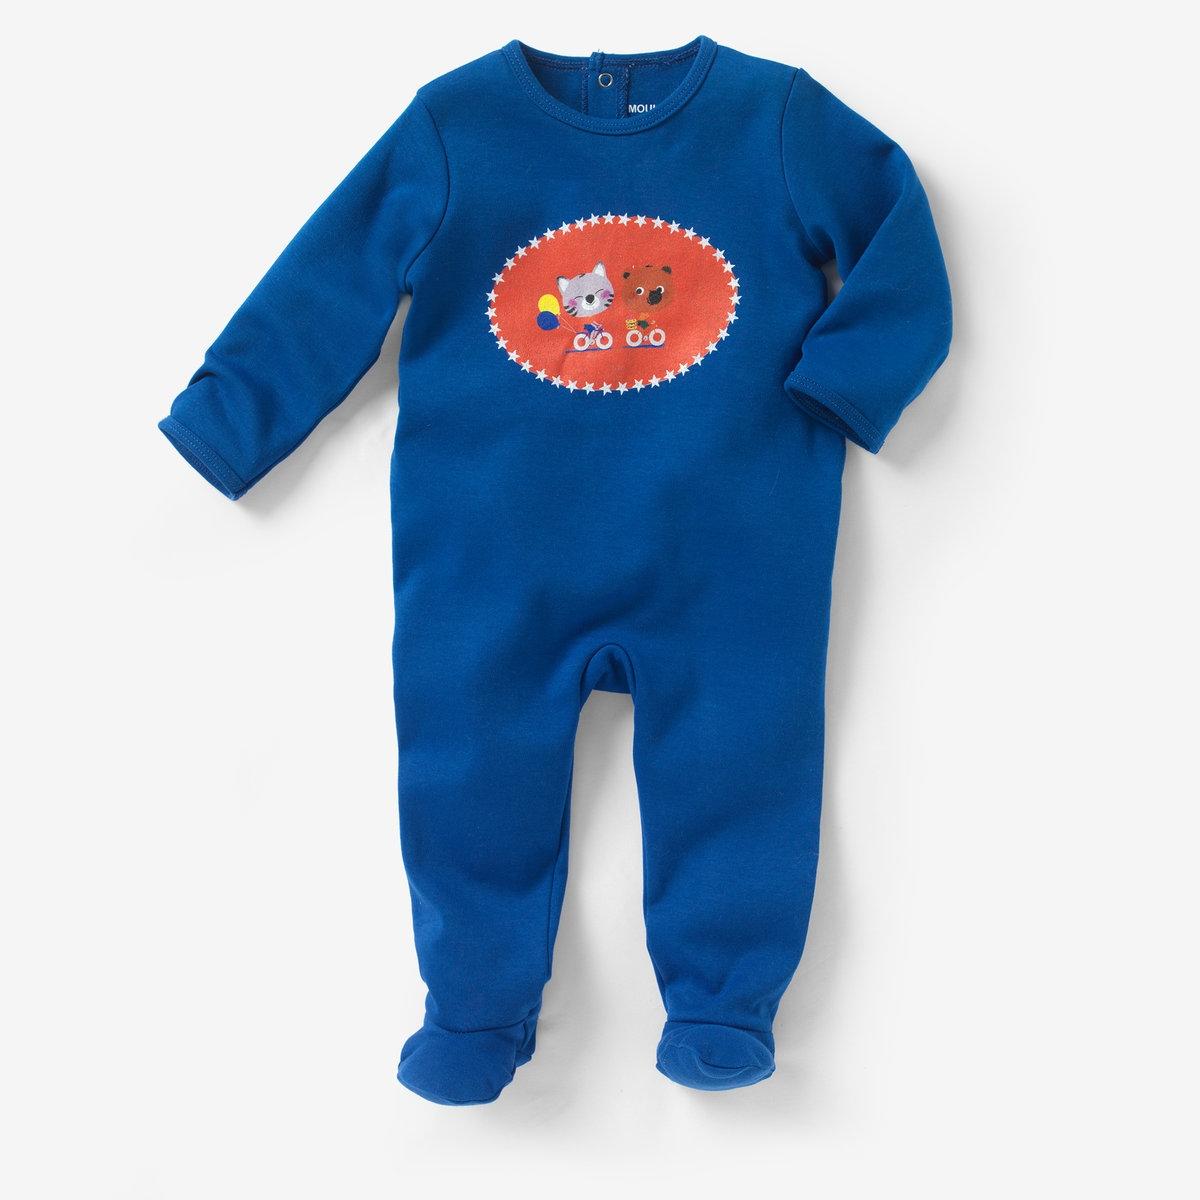 Пижама из хлопка интерлок MOUK, 0 месяцев - 3 годаПижама с носочками MOUK из трикотажа интерлок, 100% хлопка. Принт спереди. Клапан на кнопках и застежка на кнопки сзади для легкости надевания. Нескользящая подошва начиная с размера 74 см (12 месяцев), эластичные вставки сзади для лучшей поддержки.<br><br>Цвет: синий<br>Размер: 1 мес. - 54 см